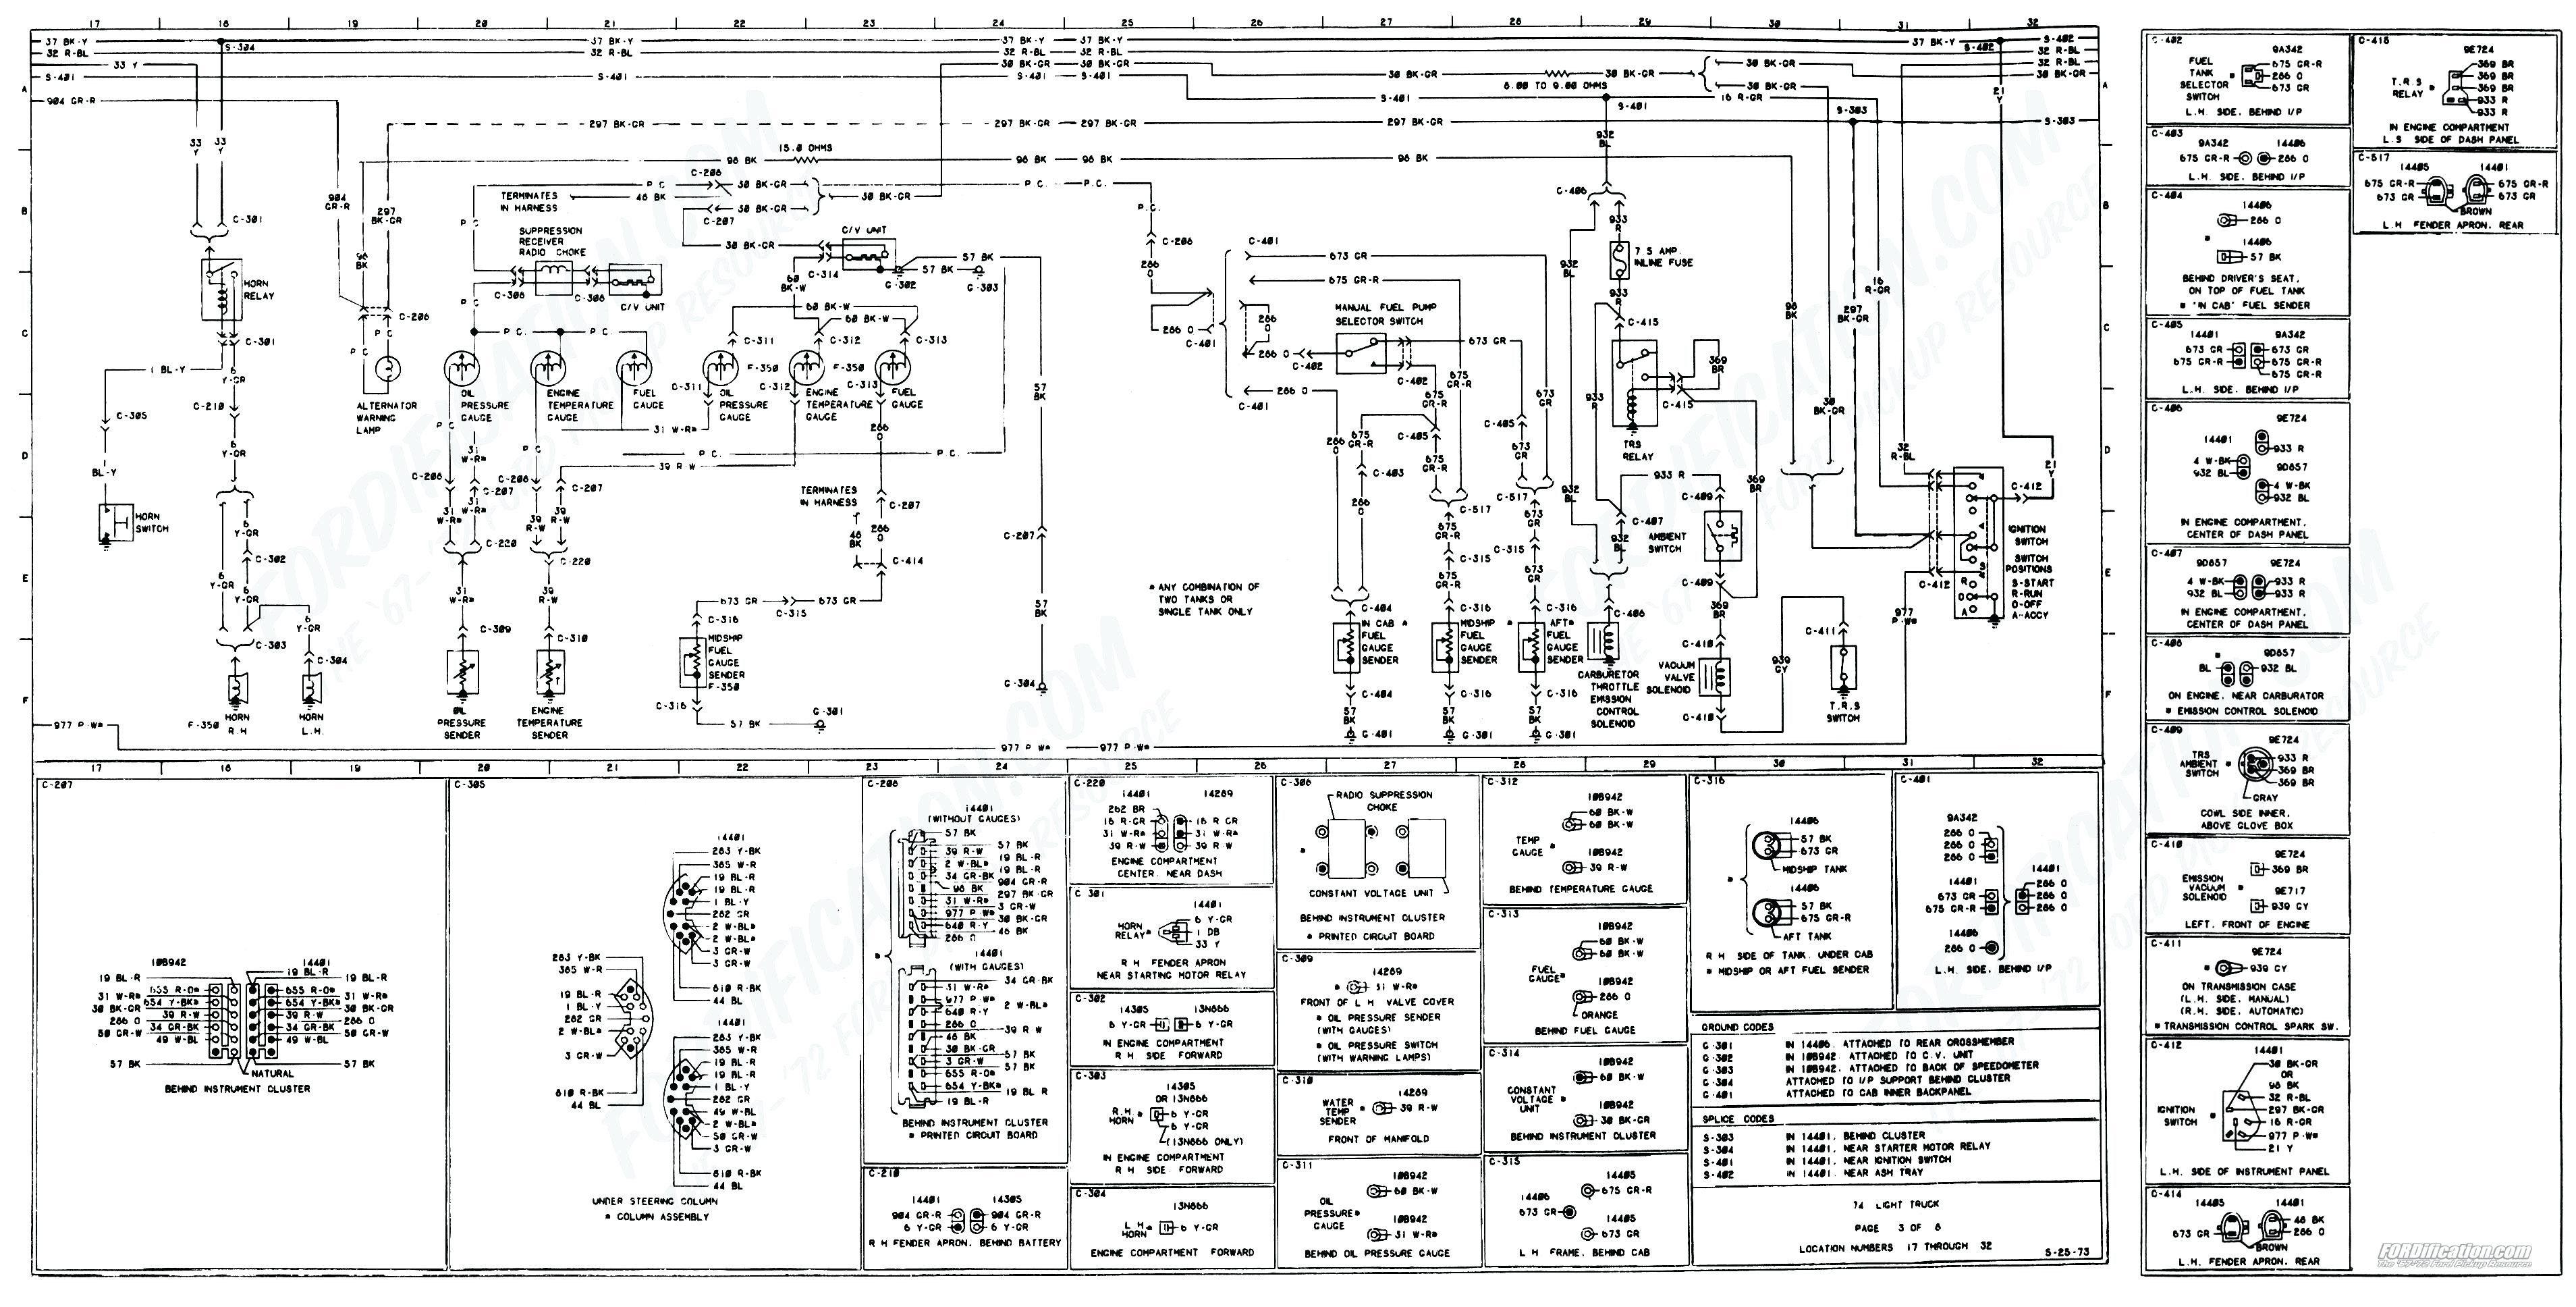 1979 Ford F250 Wiring Diagram